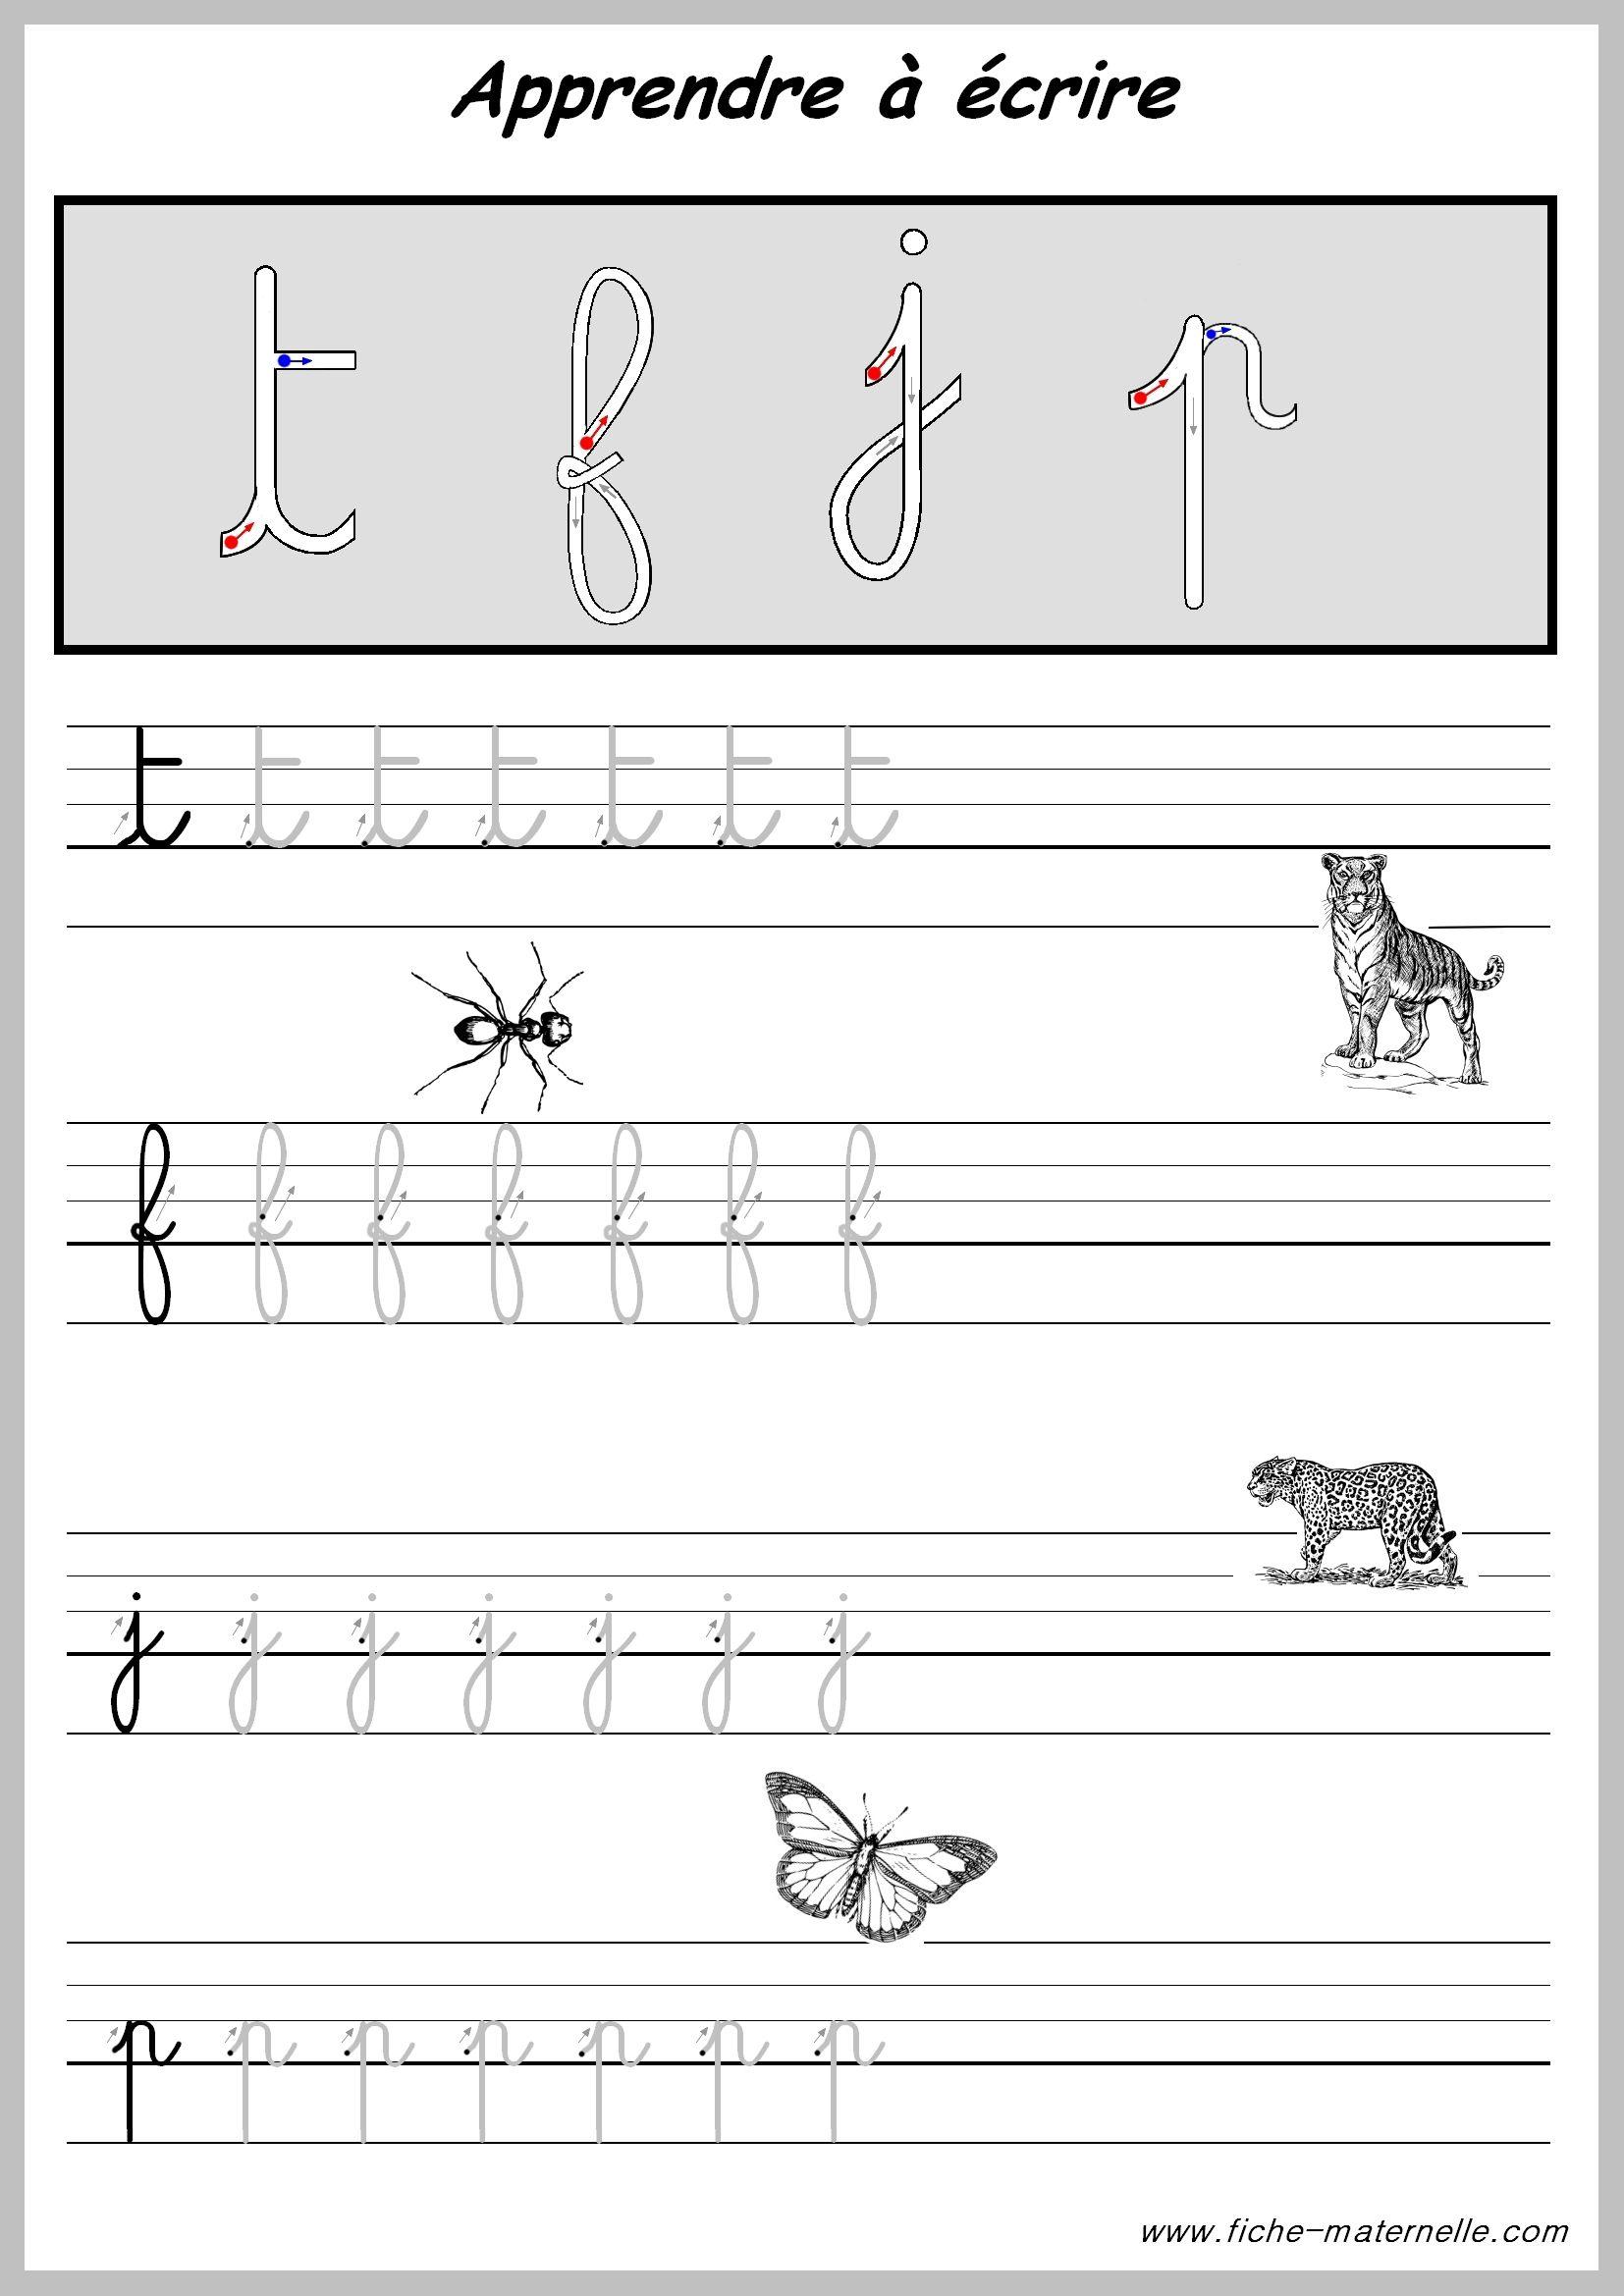 Exercices Pour Apprendre A Ecrire Les Lettres. | Écrire En serapportantà Apprendre A Ecrire L Alphabet